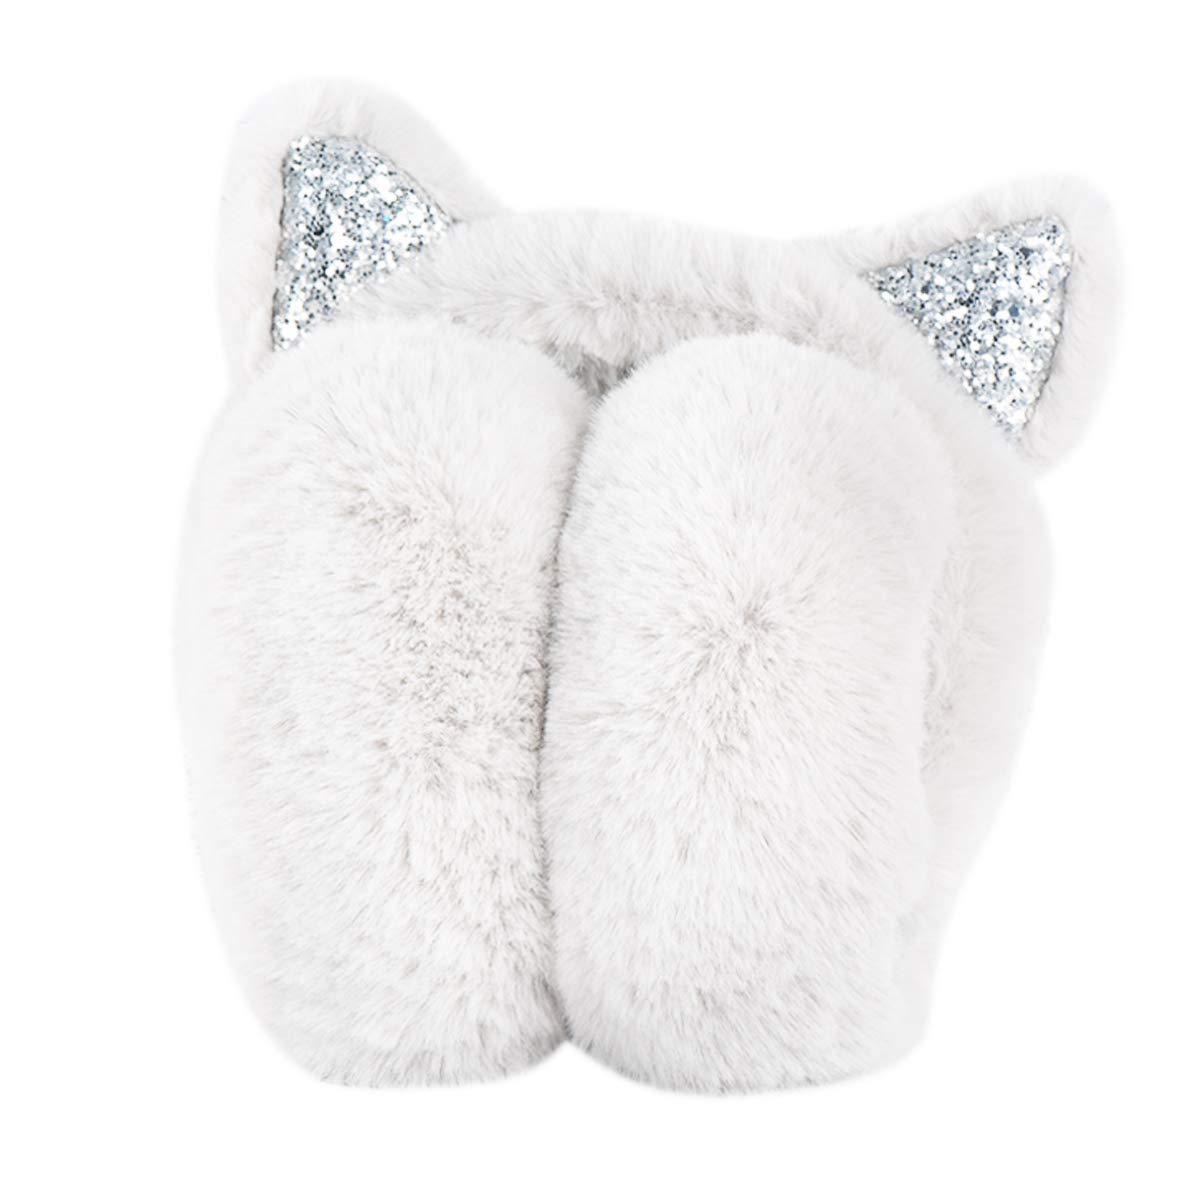 Surblue Women's Winter Warm Cat Ear Earwarmer Knitted Earmuffs White